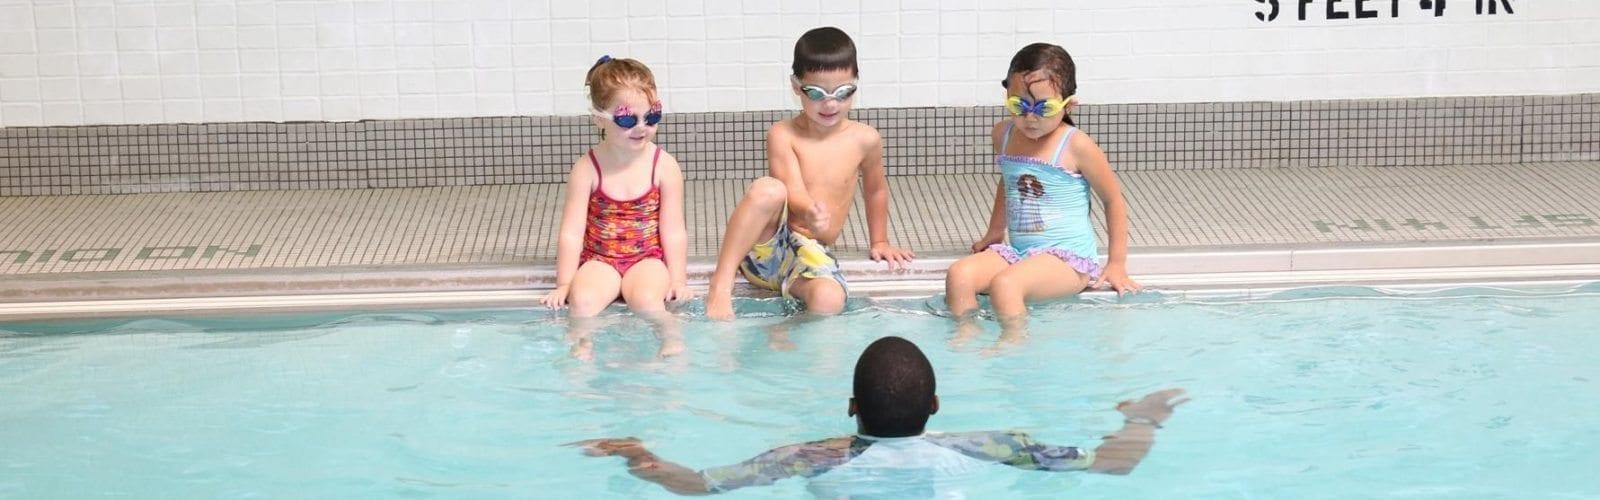 Youth Aquatic Program Photo Image